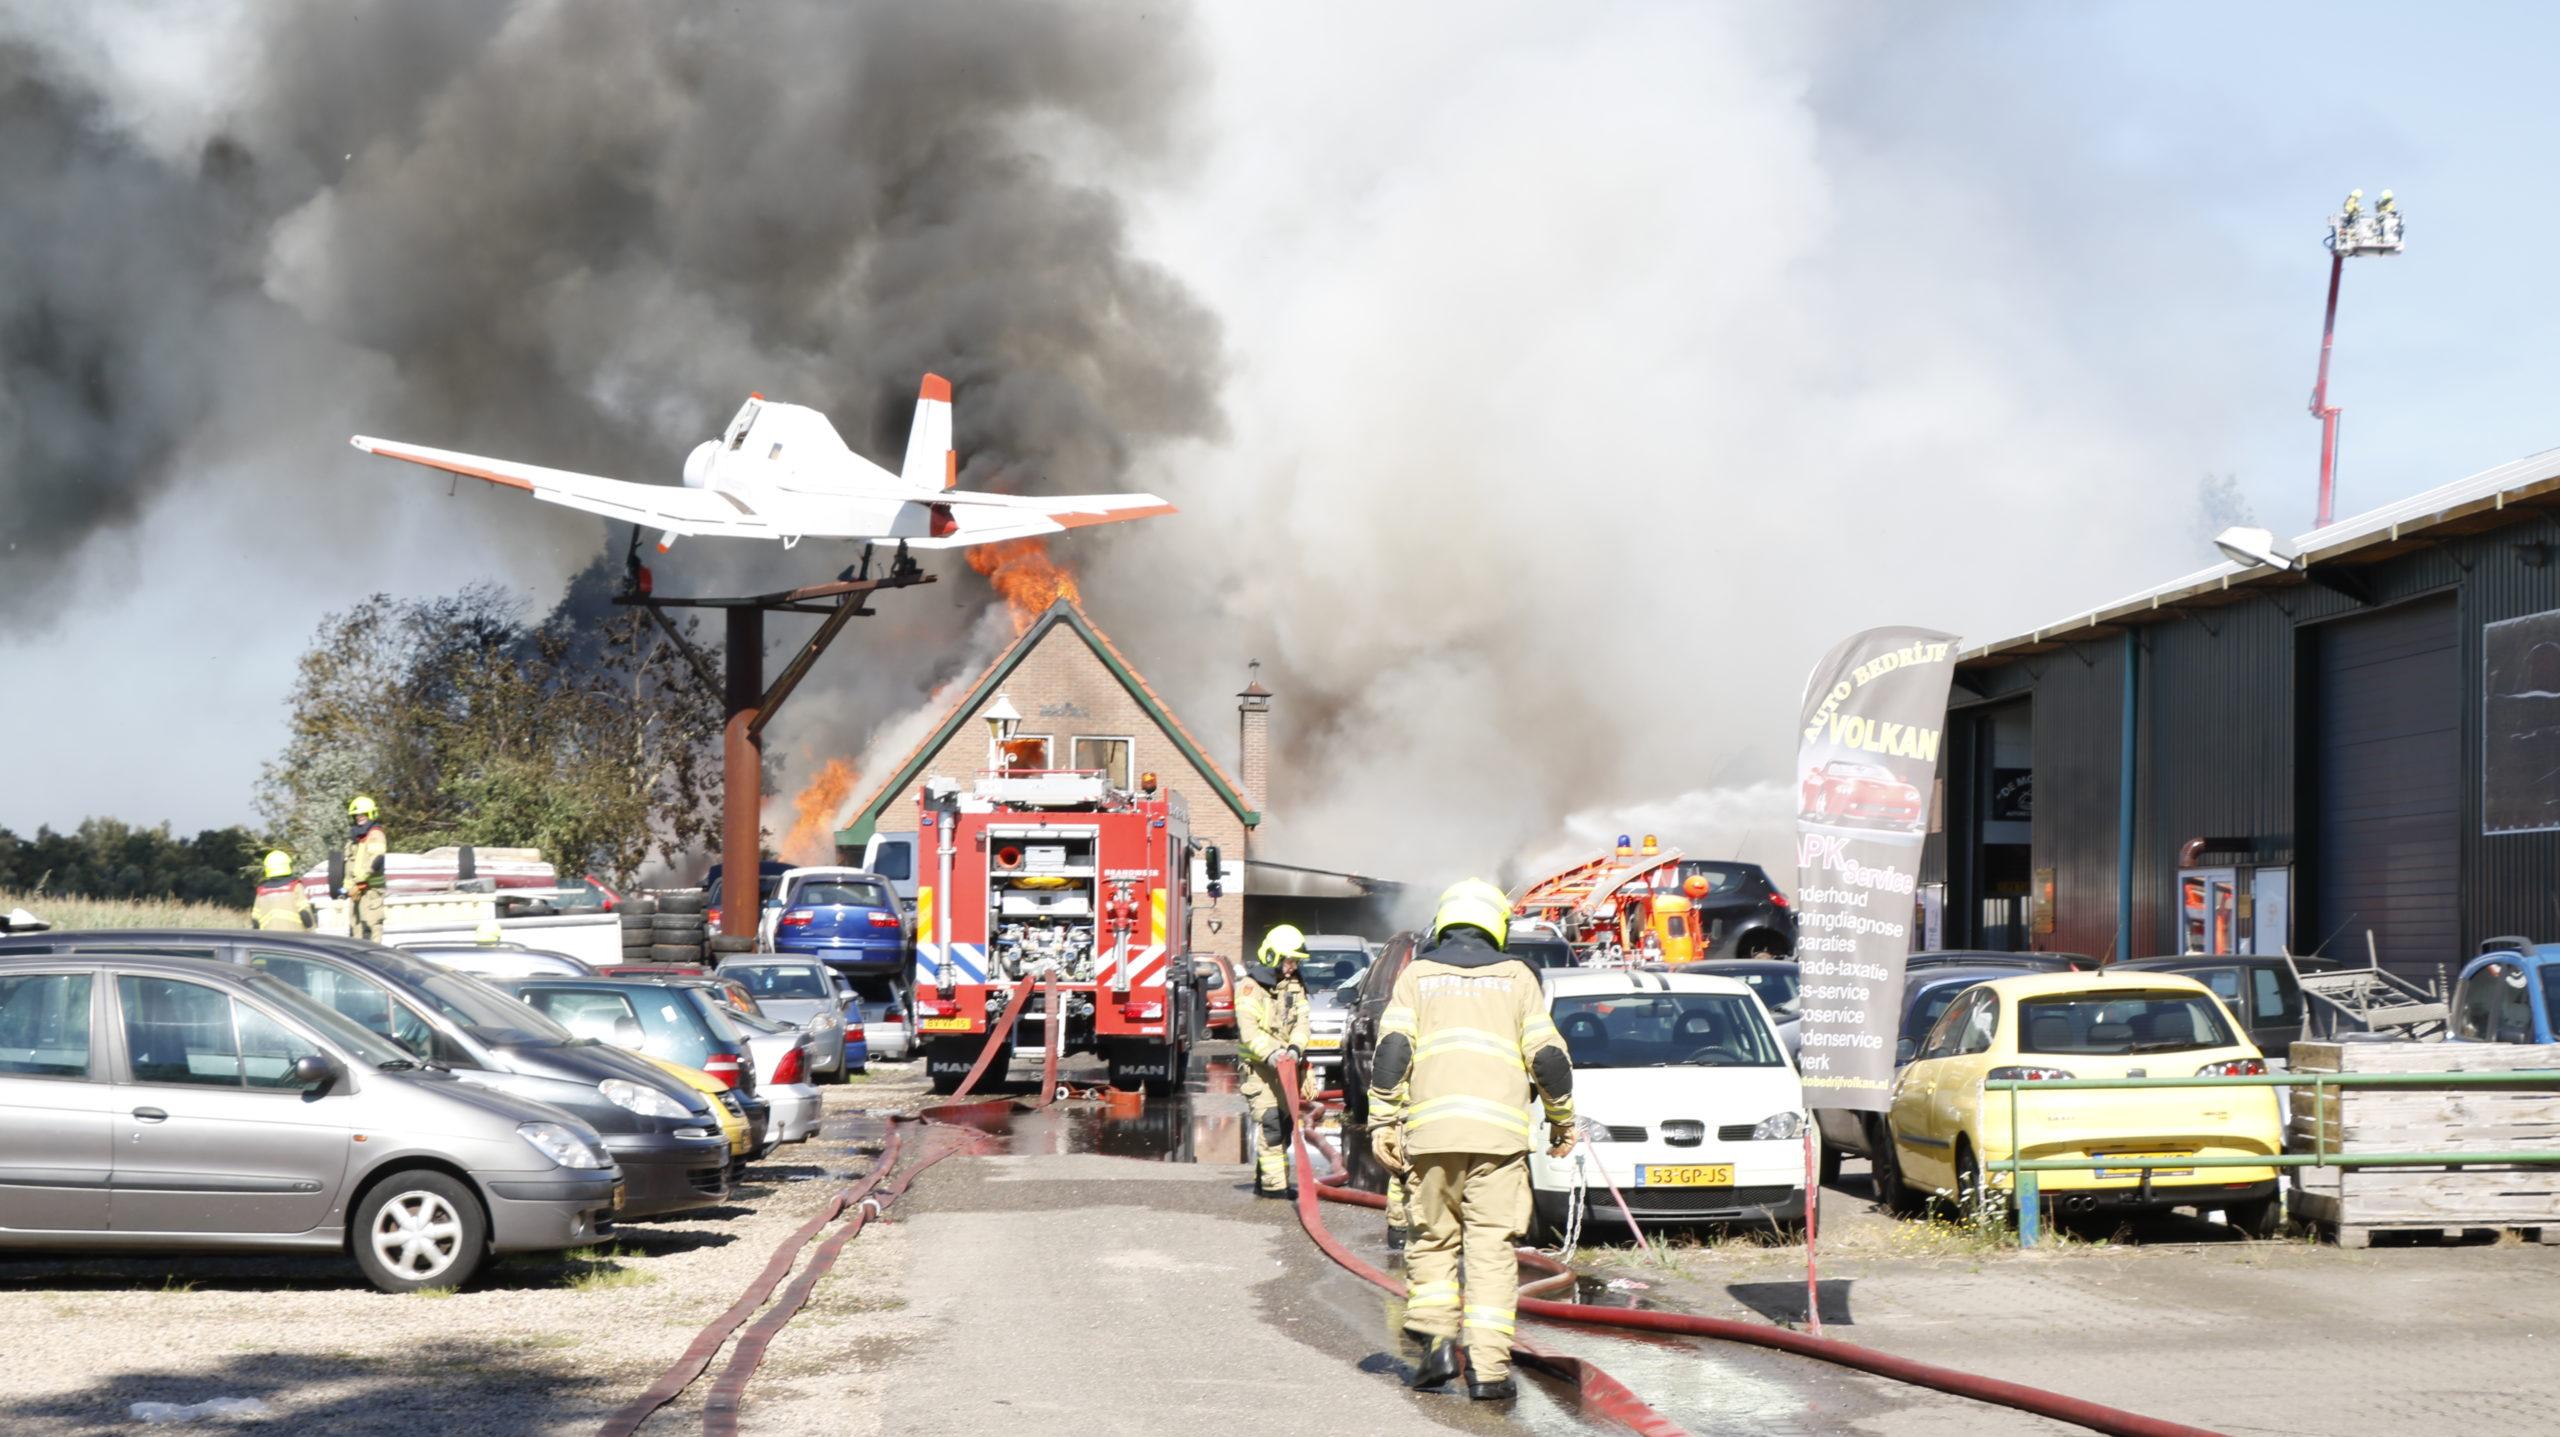 Grote brand bij autosloperij te Duiven, 1.000 autowrakken en een woning gaan in vlammen op